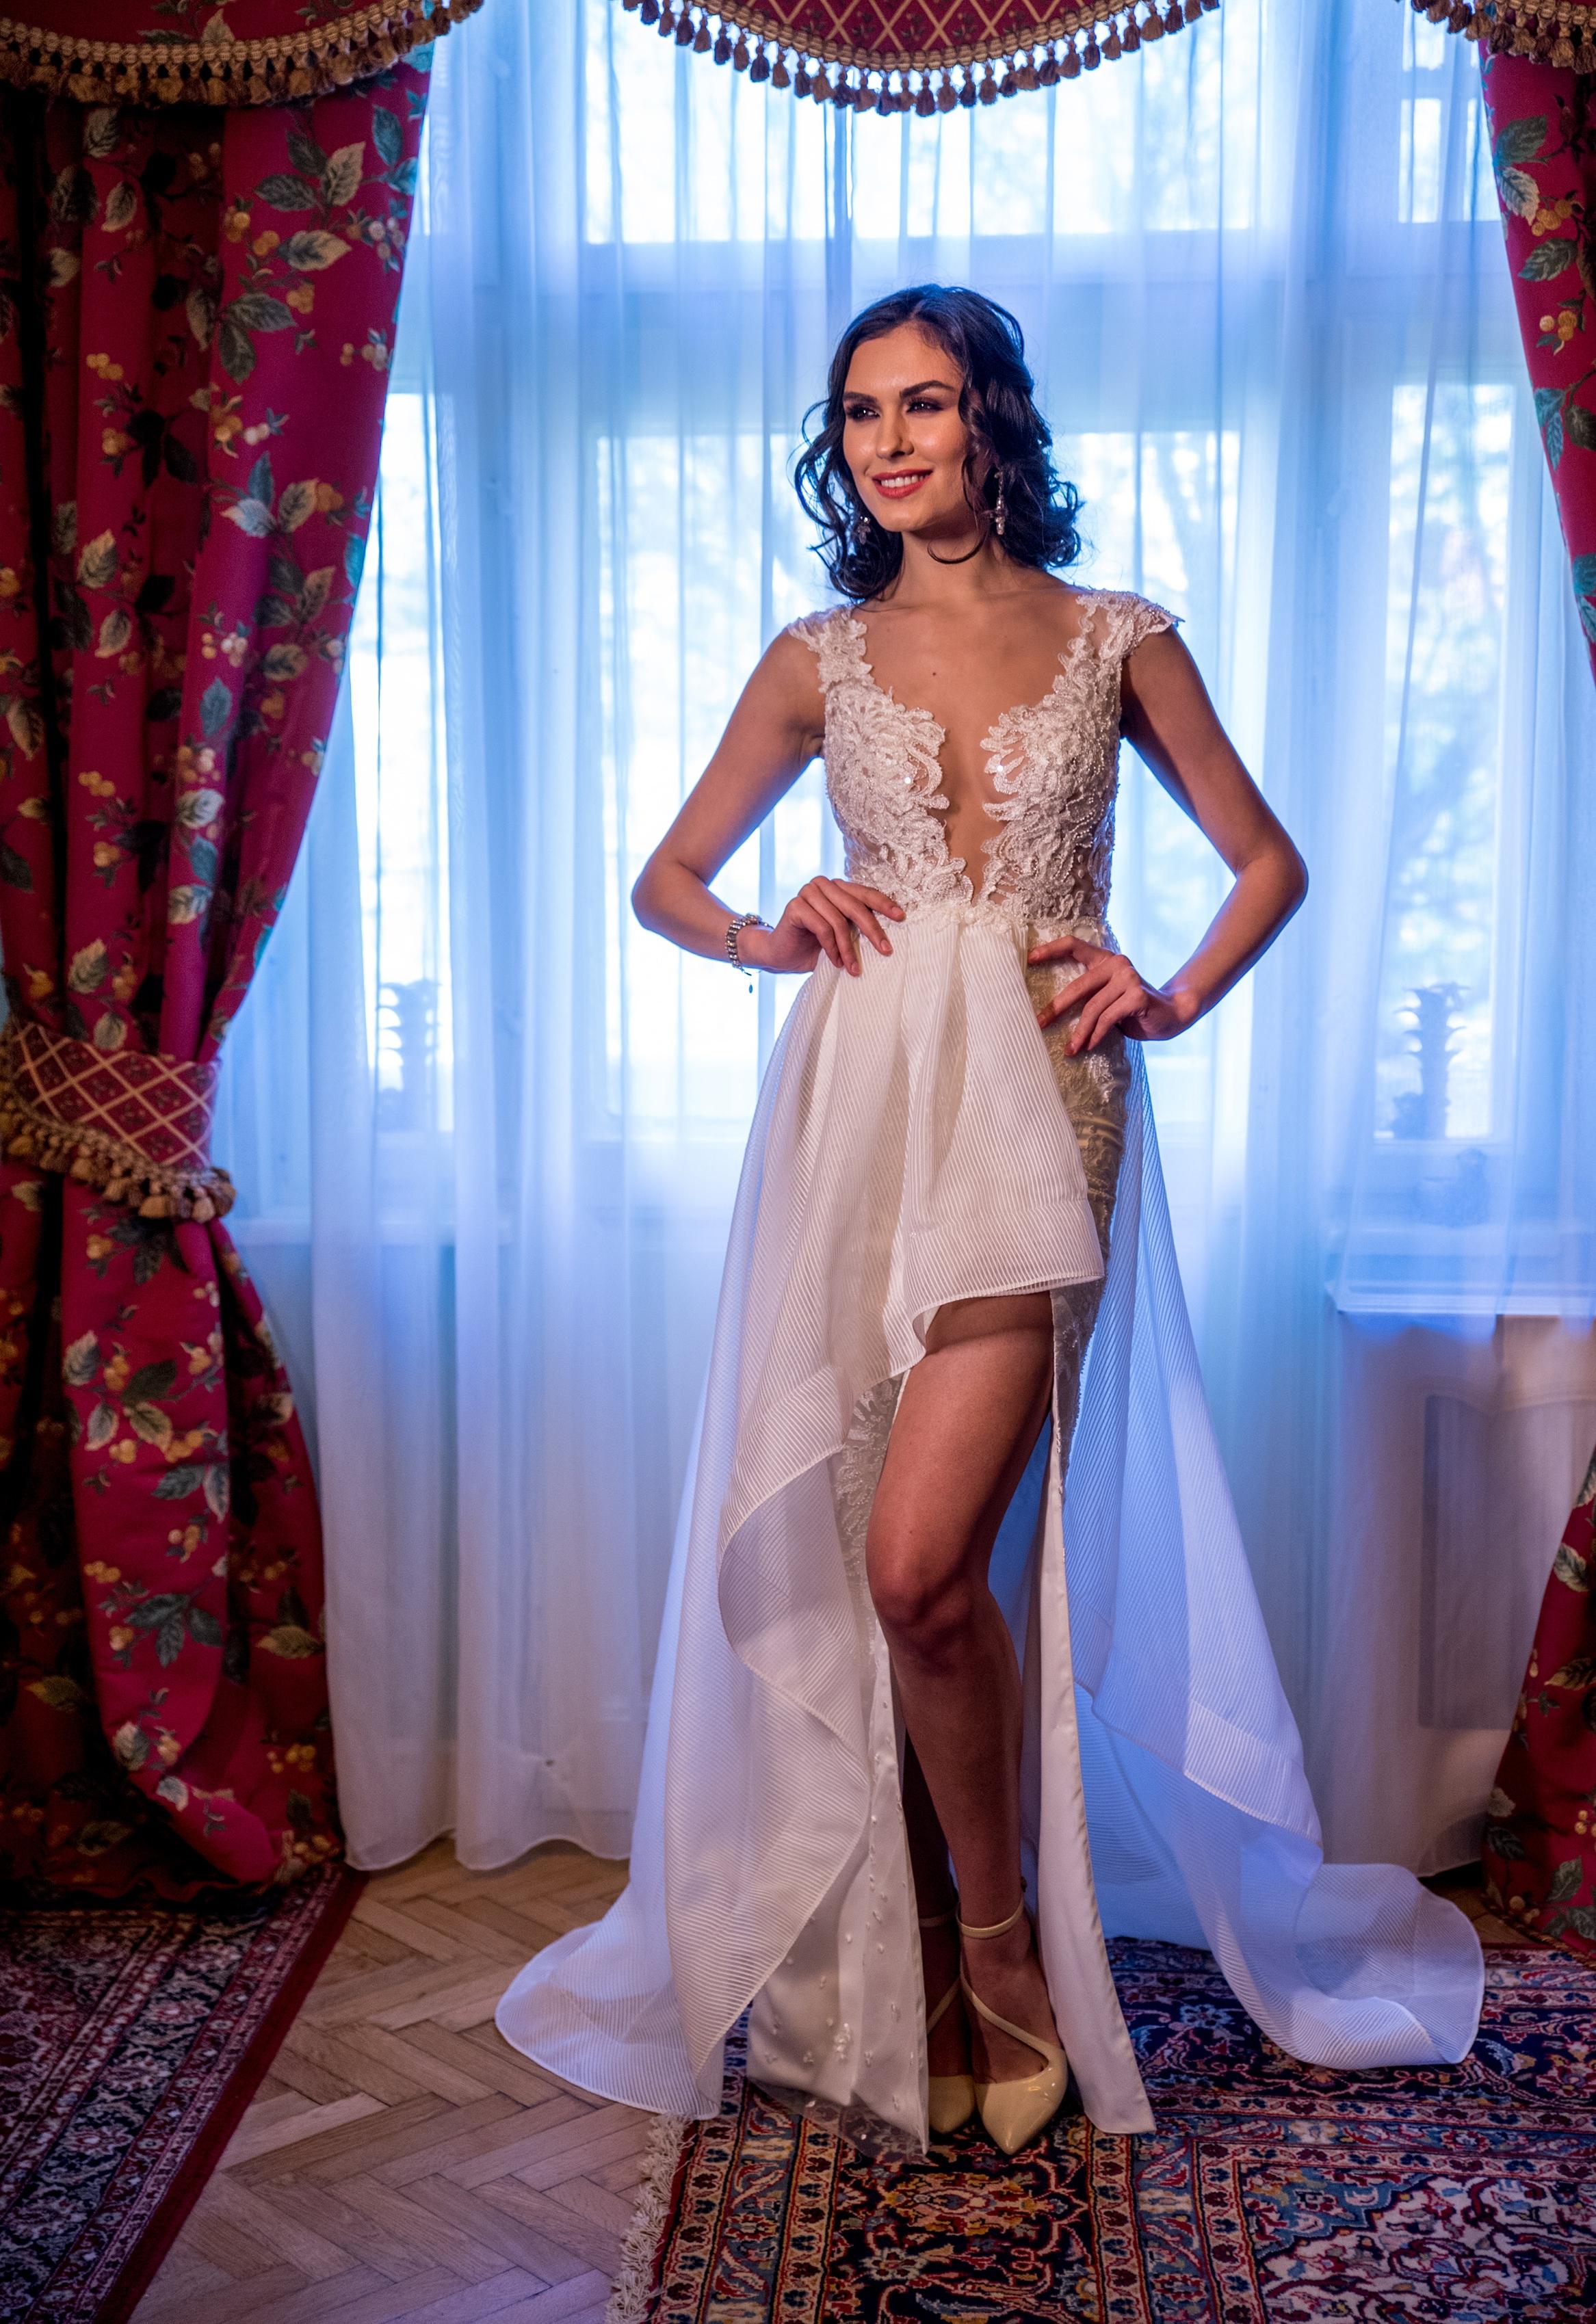 CROCUS Wedding Dress